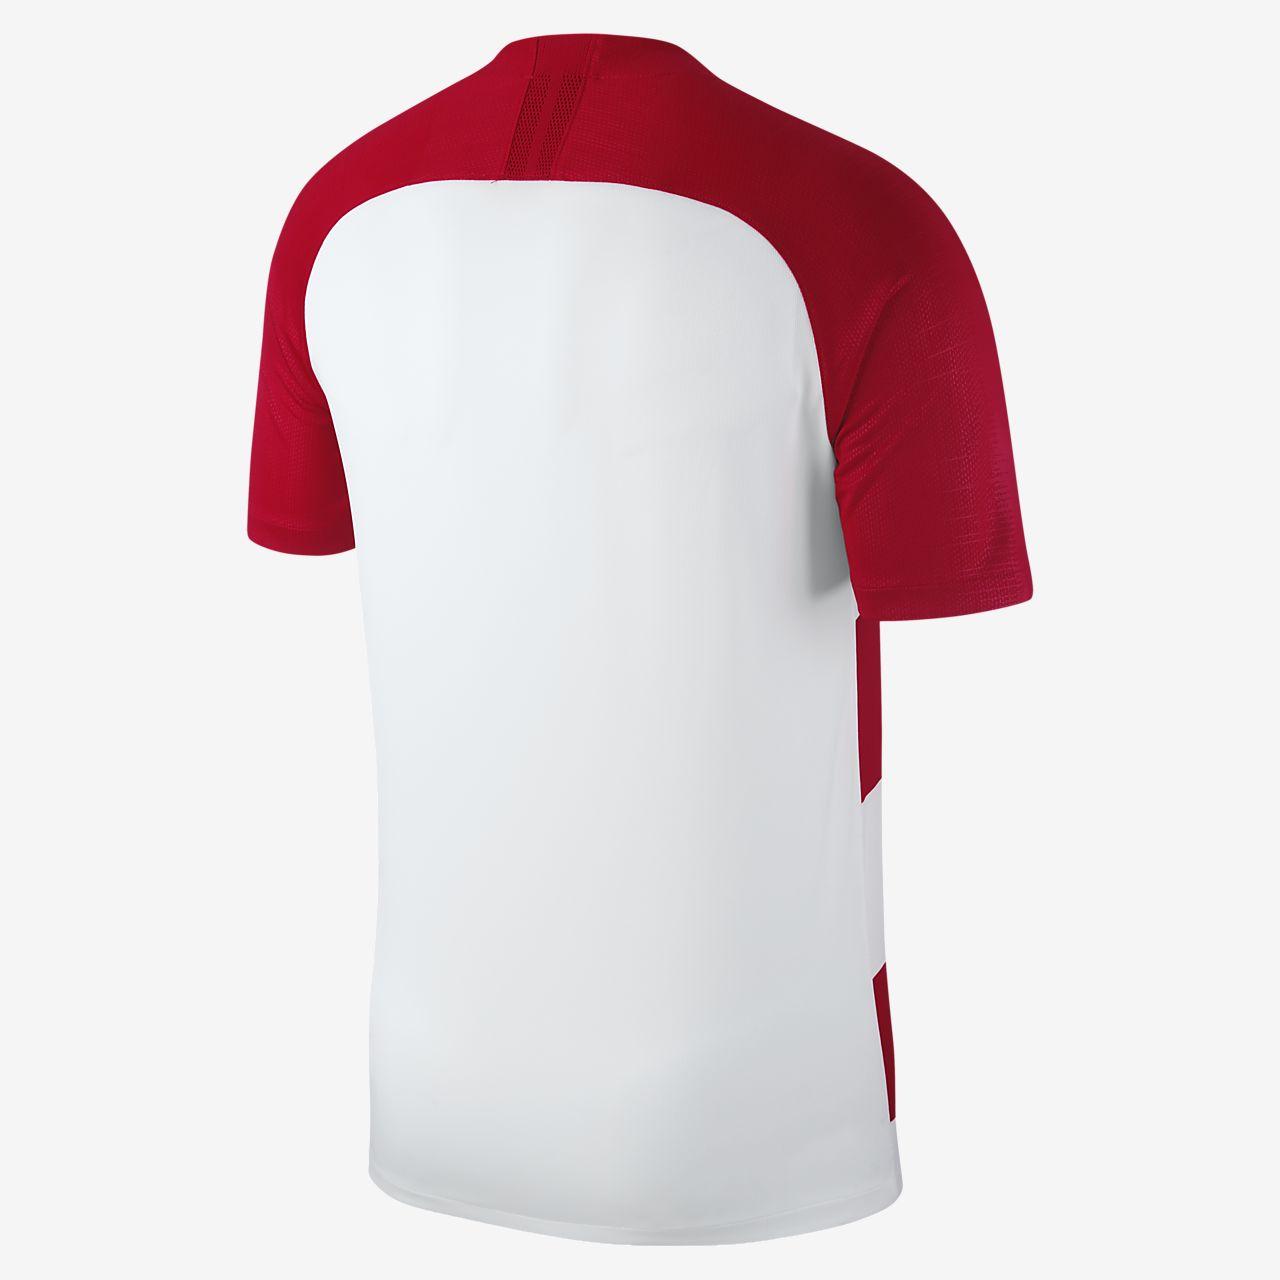 c8cbd91bd 2018 Croatia Stadium Home Men s Football Shirt. Nike.com CA